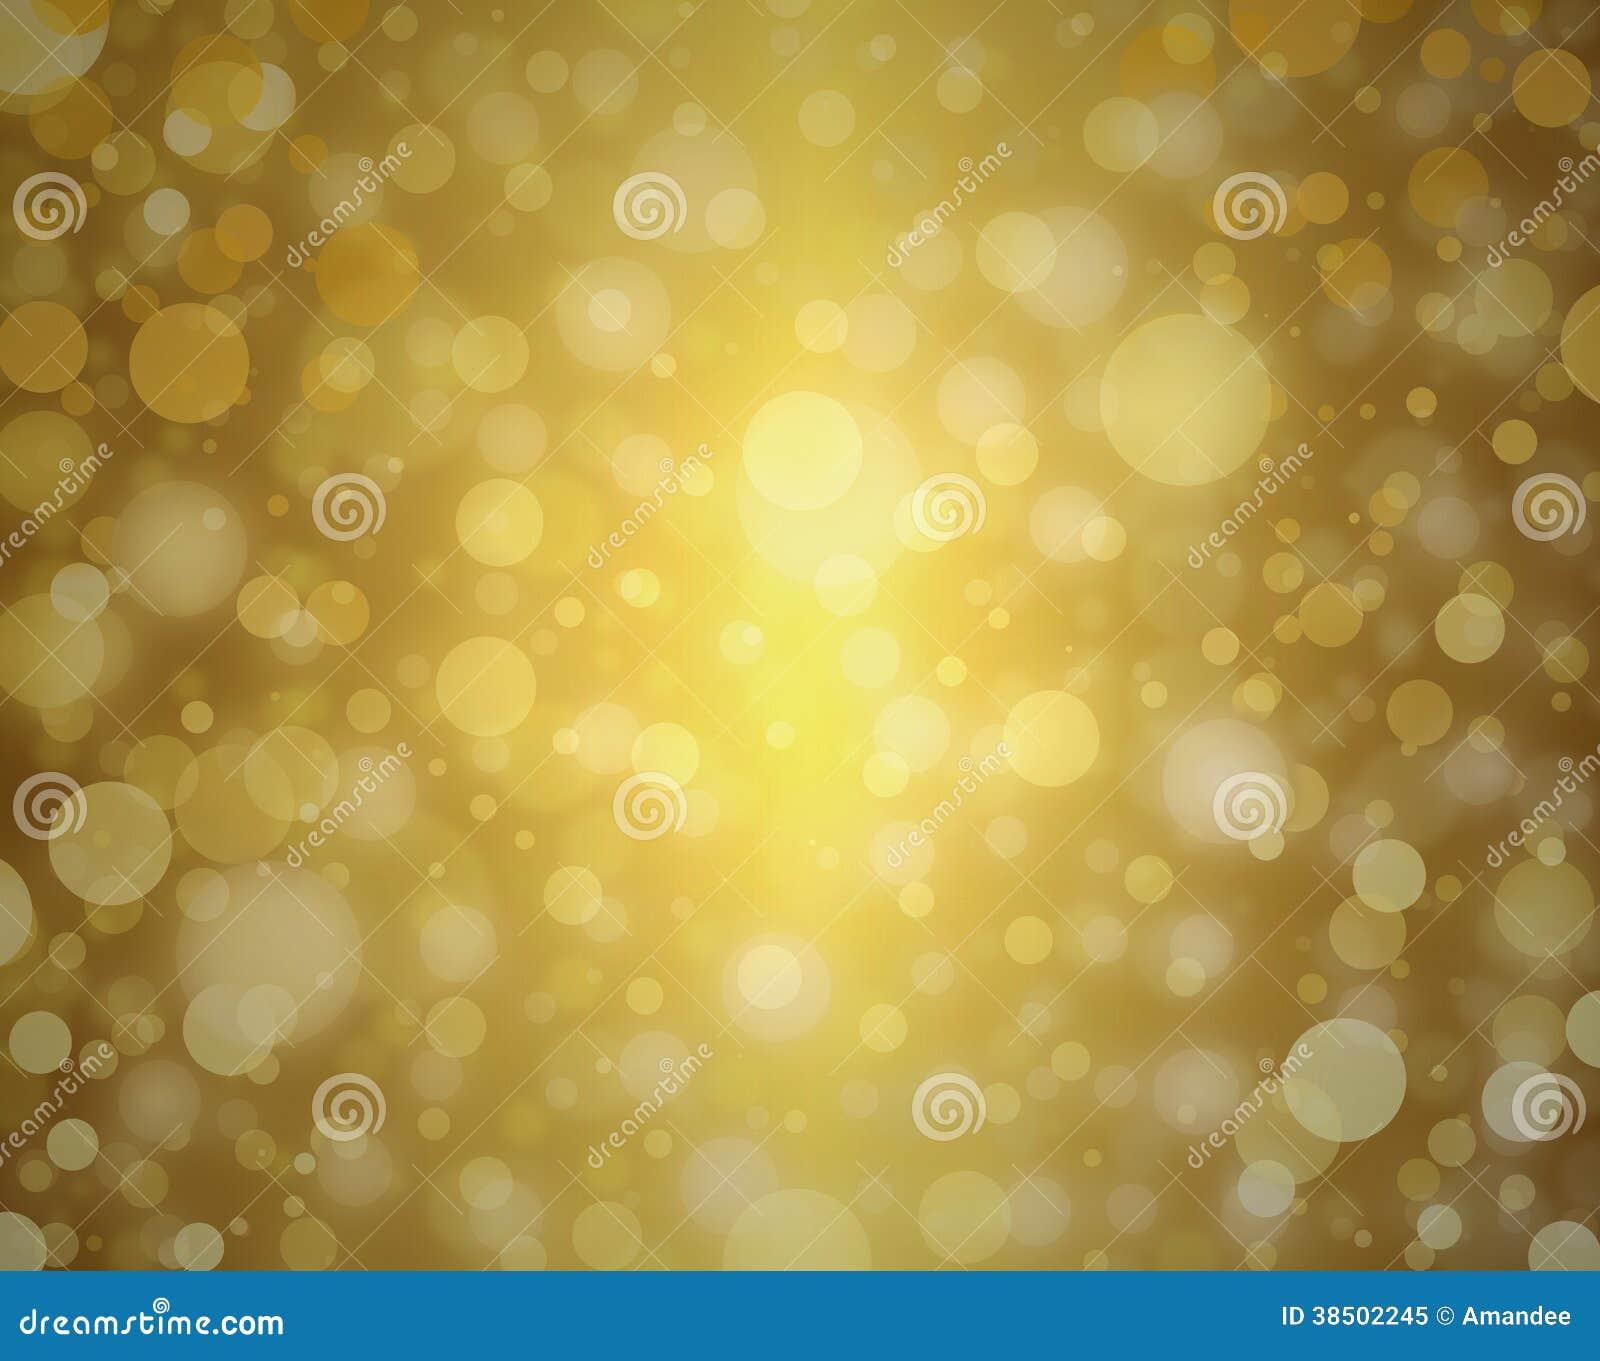 För bubblabakgrund för gul guld design för beröm för suddig dekor för bakgrund för ljus för vit jul elegant